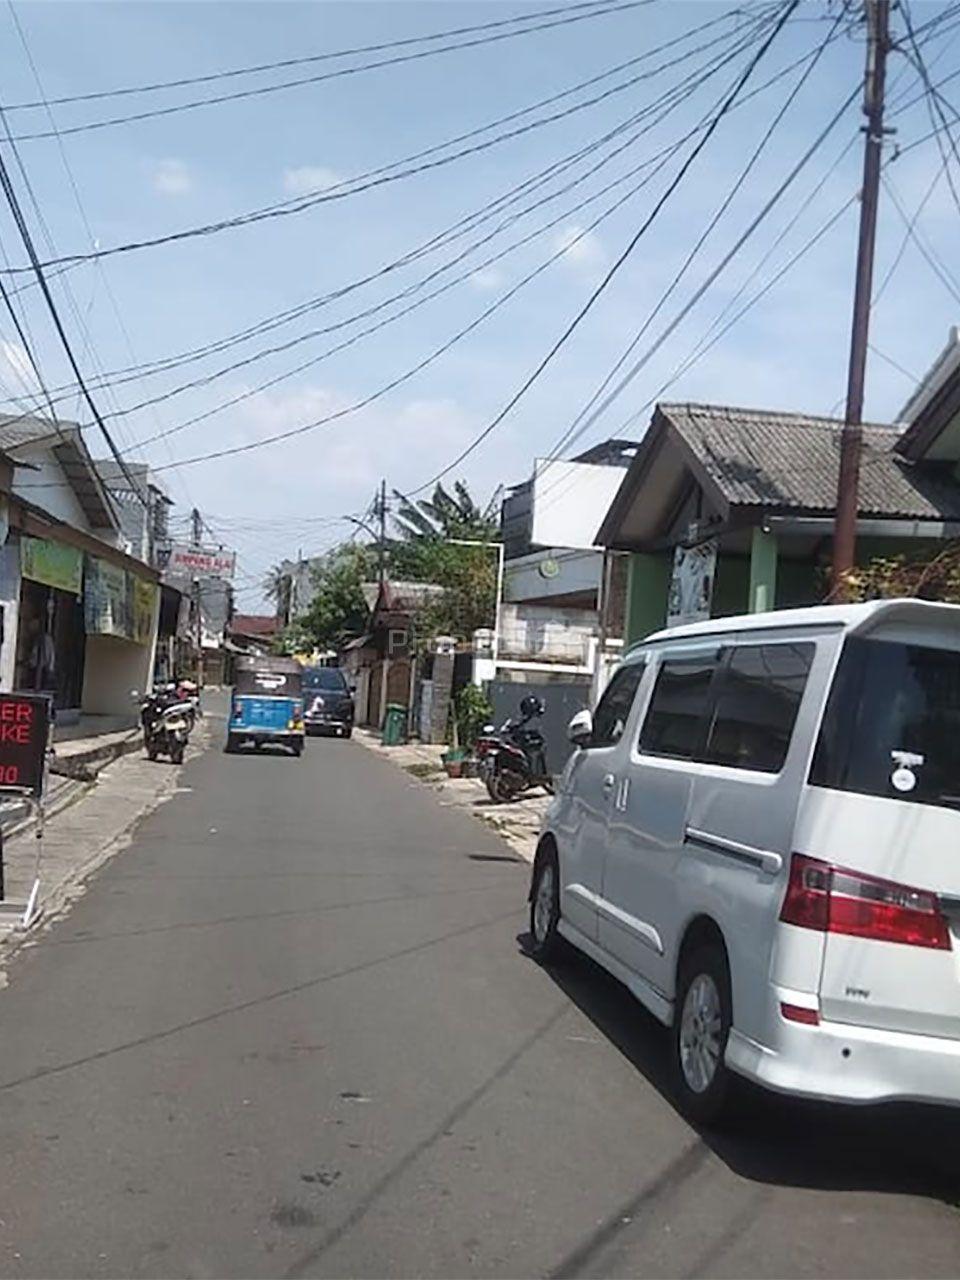 Old House at Jl. Praja, Kebayoran Lama, Jakarta Selatan